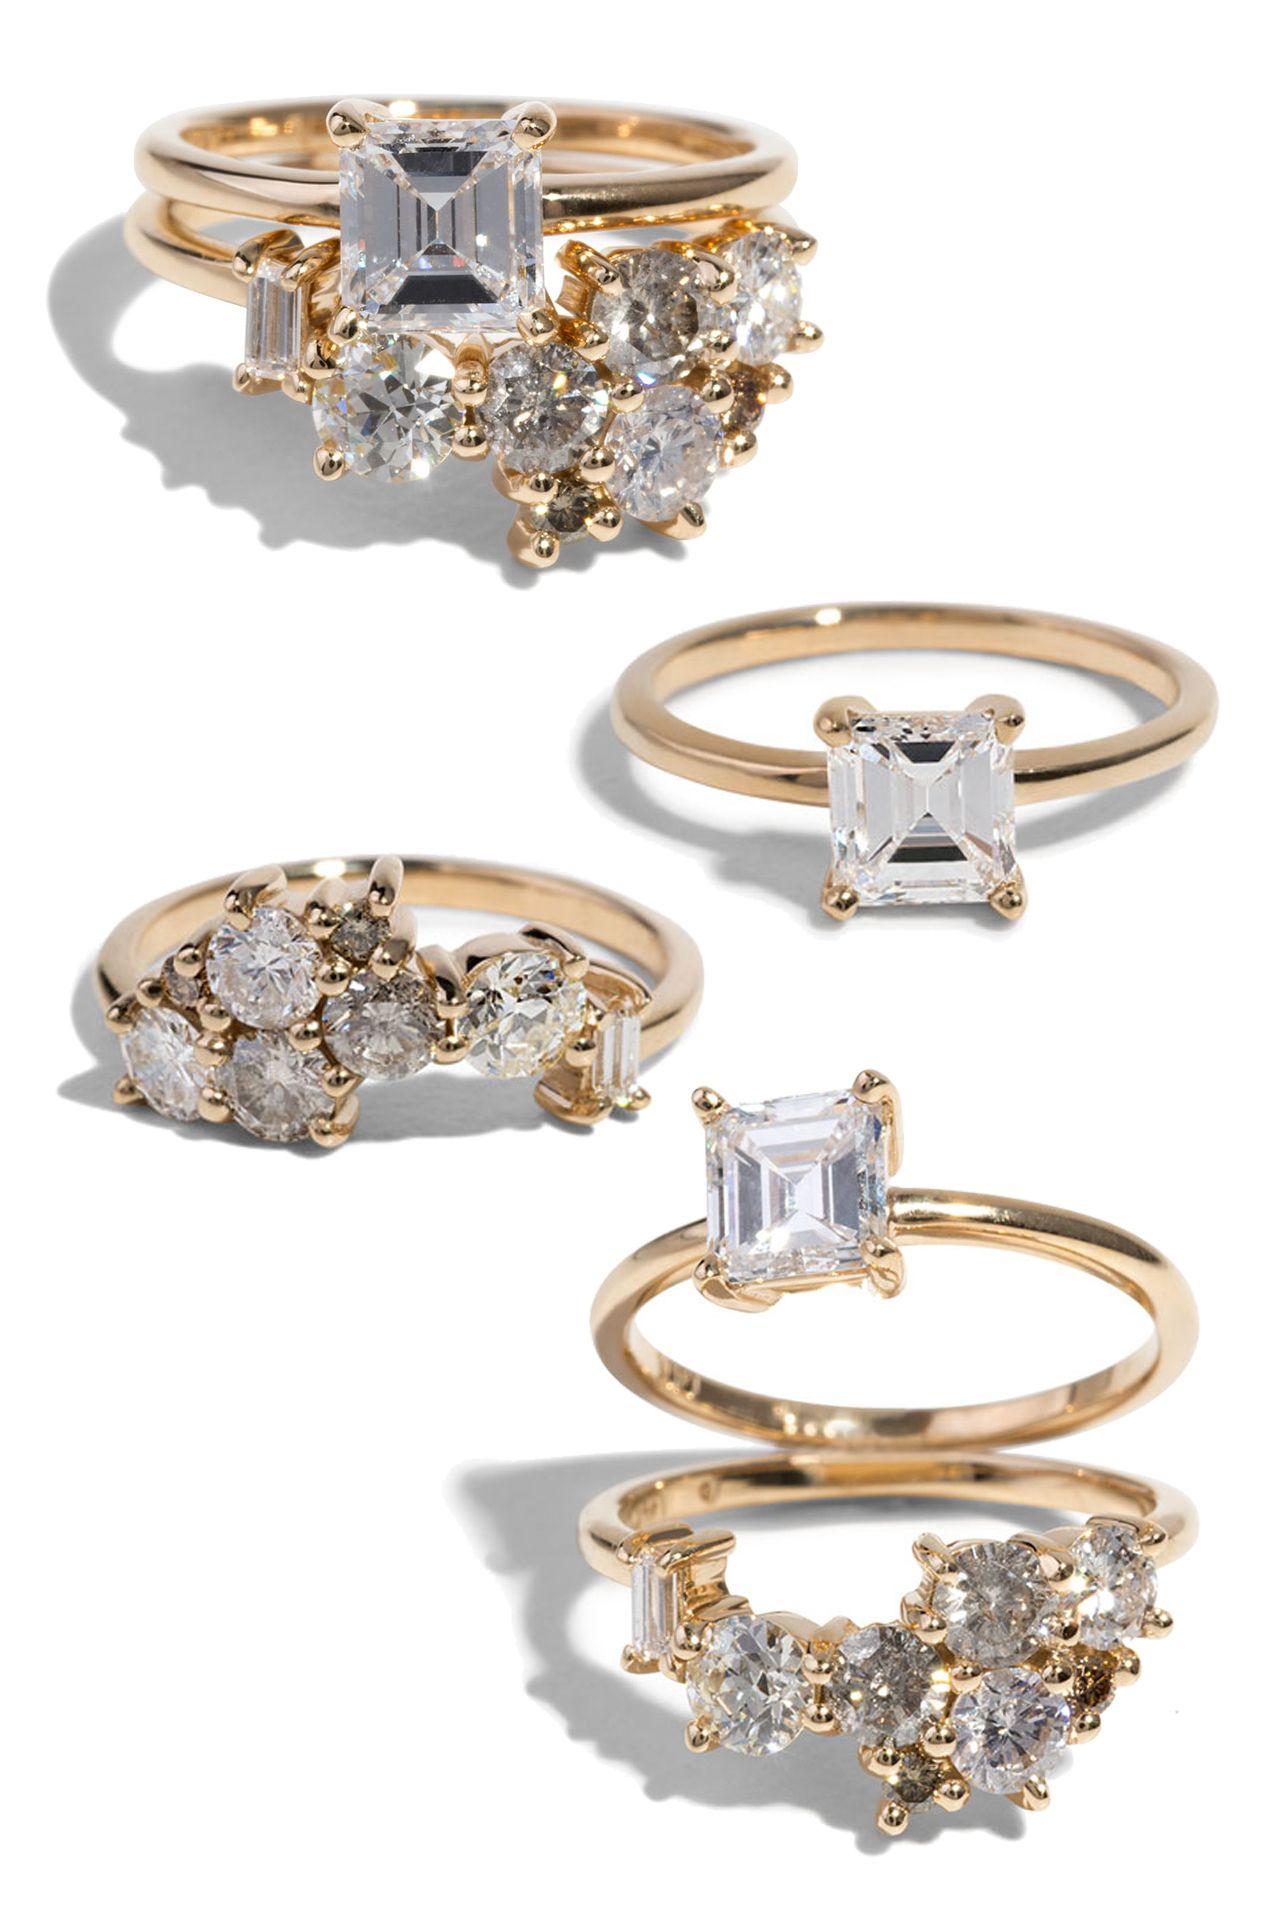 Custom Jewelry In 2020 Antique Wedding Rings Wedding Rings